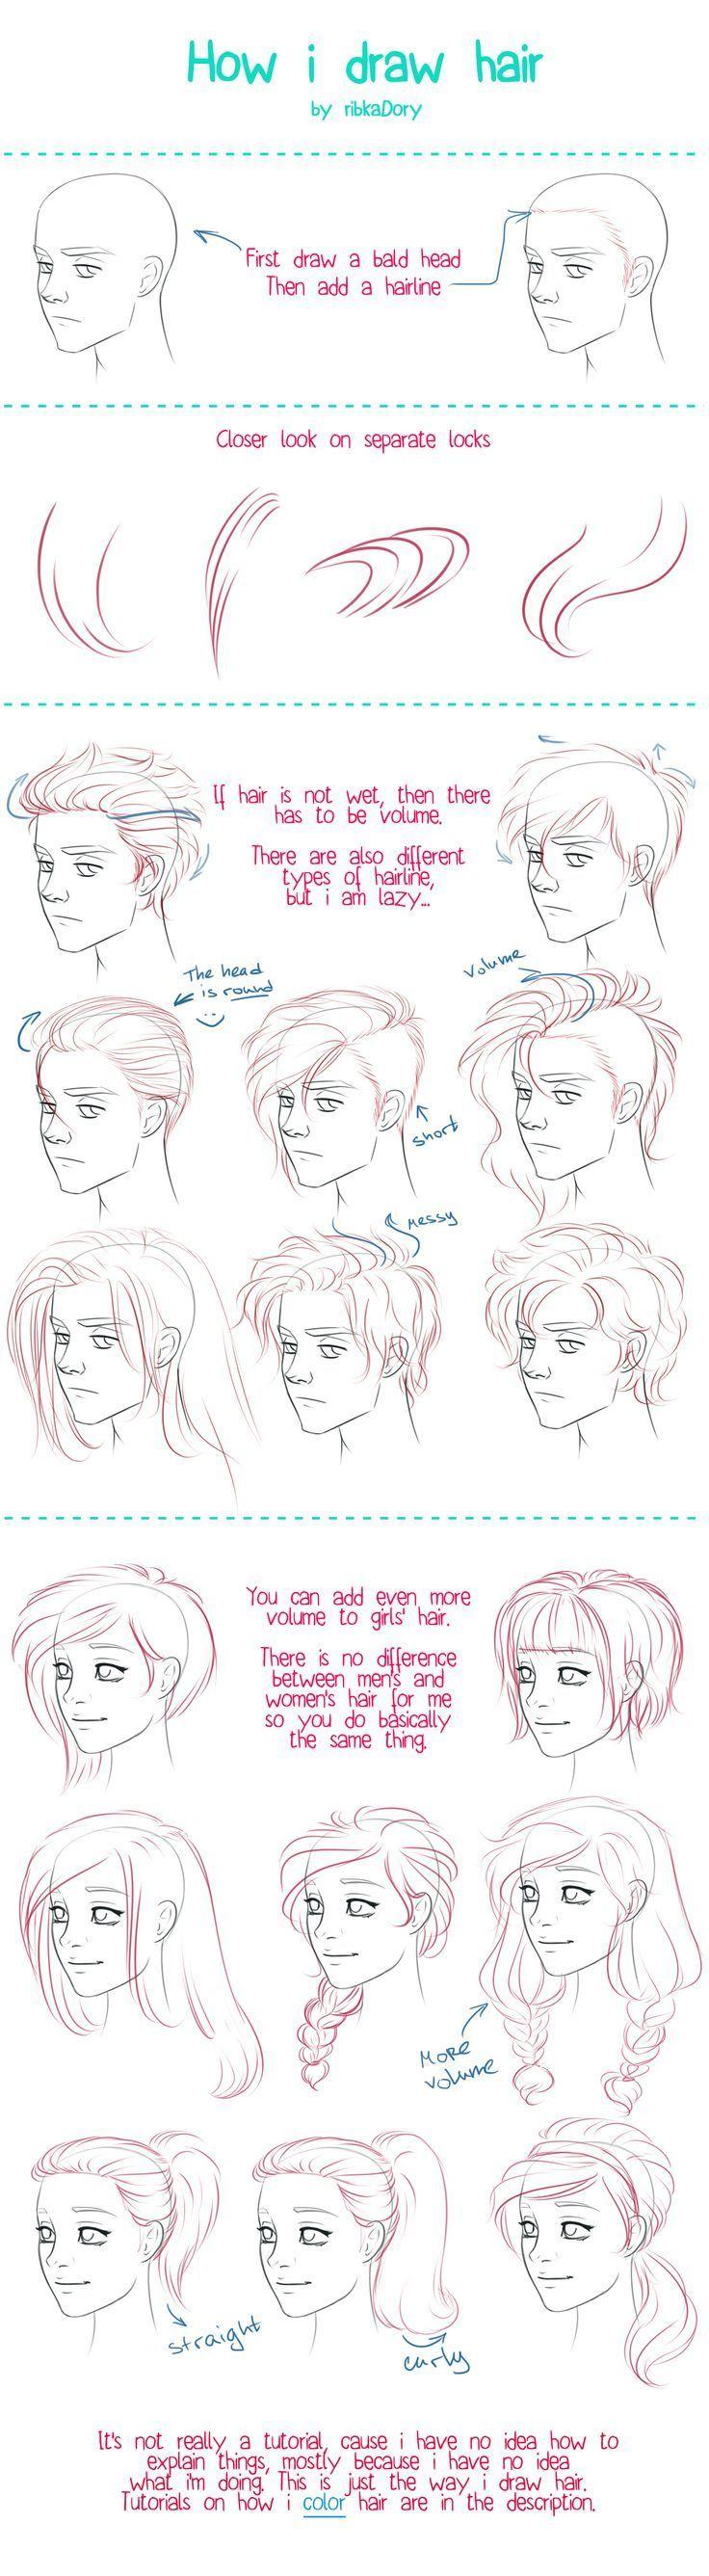 How I Draw Hair by ribkaDory on DeviantArt